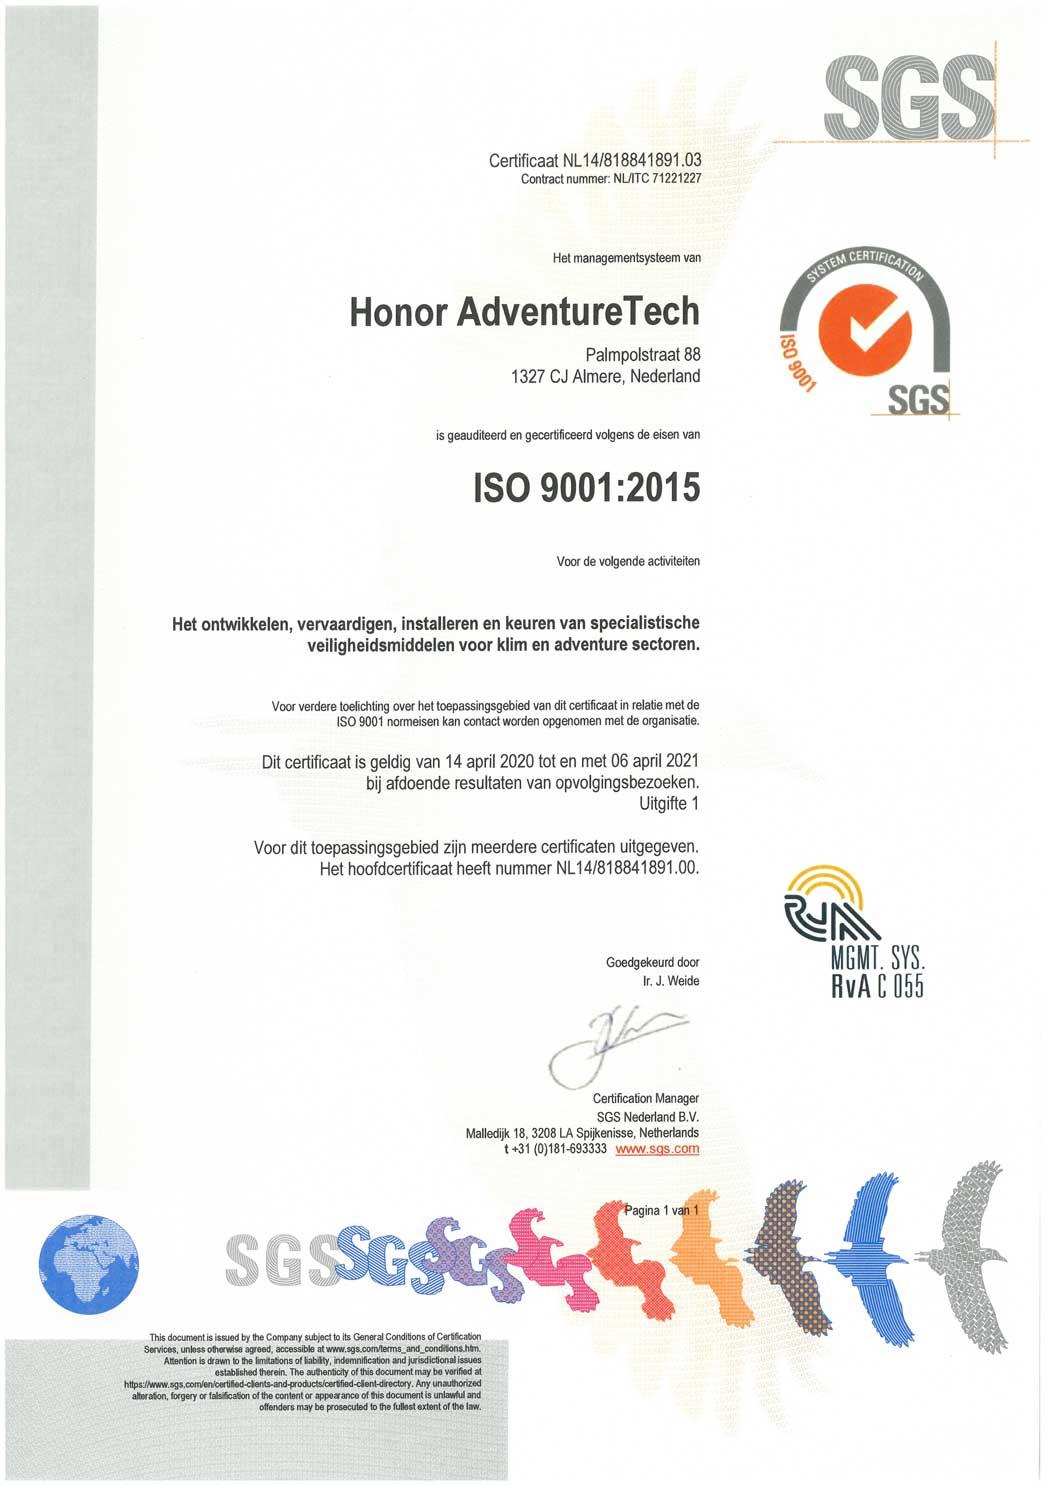 ISO-9001-2015-certificaat-HONOR-AdventureTech